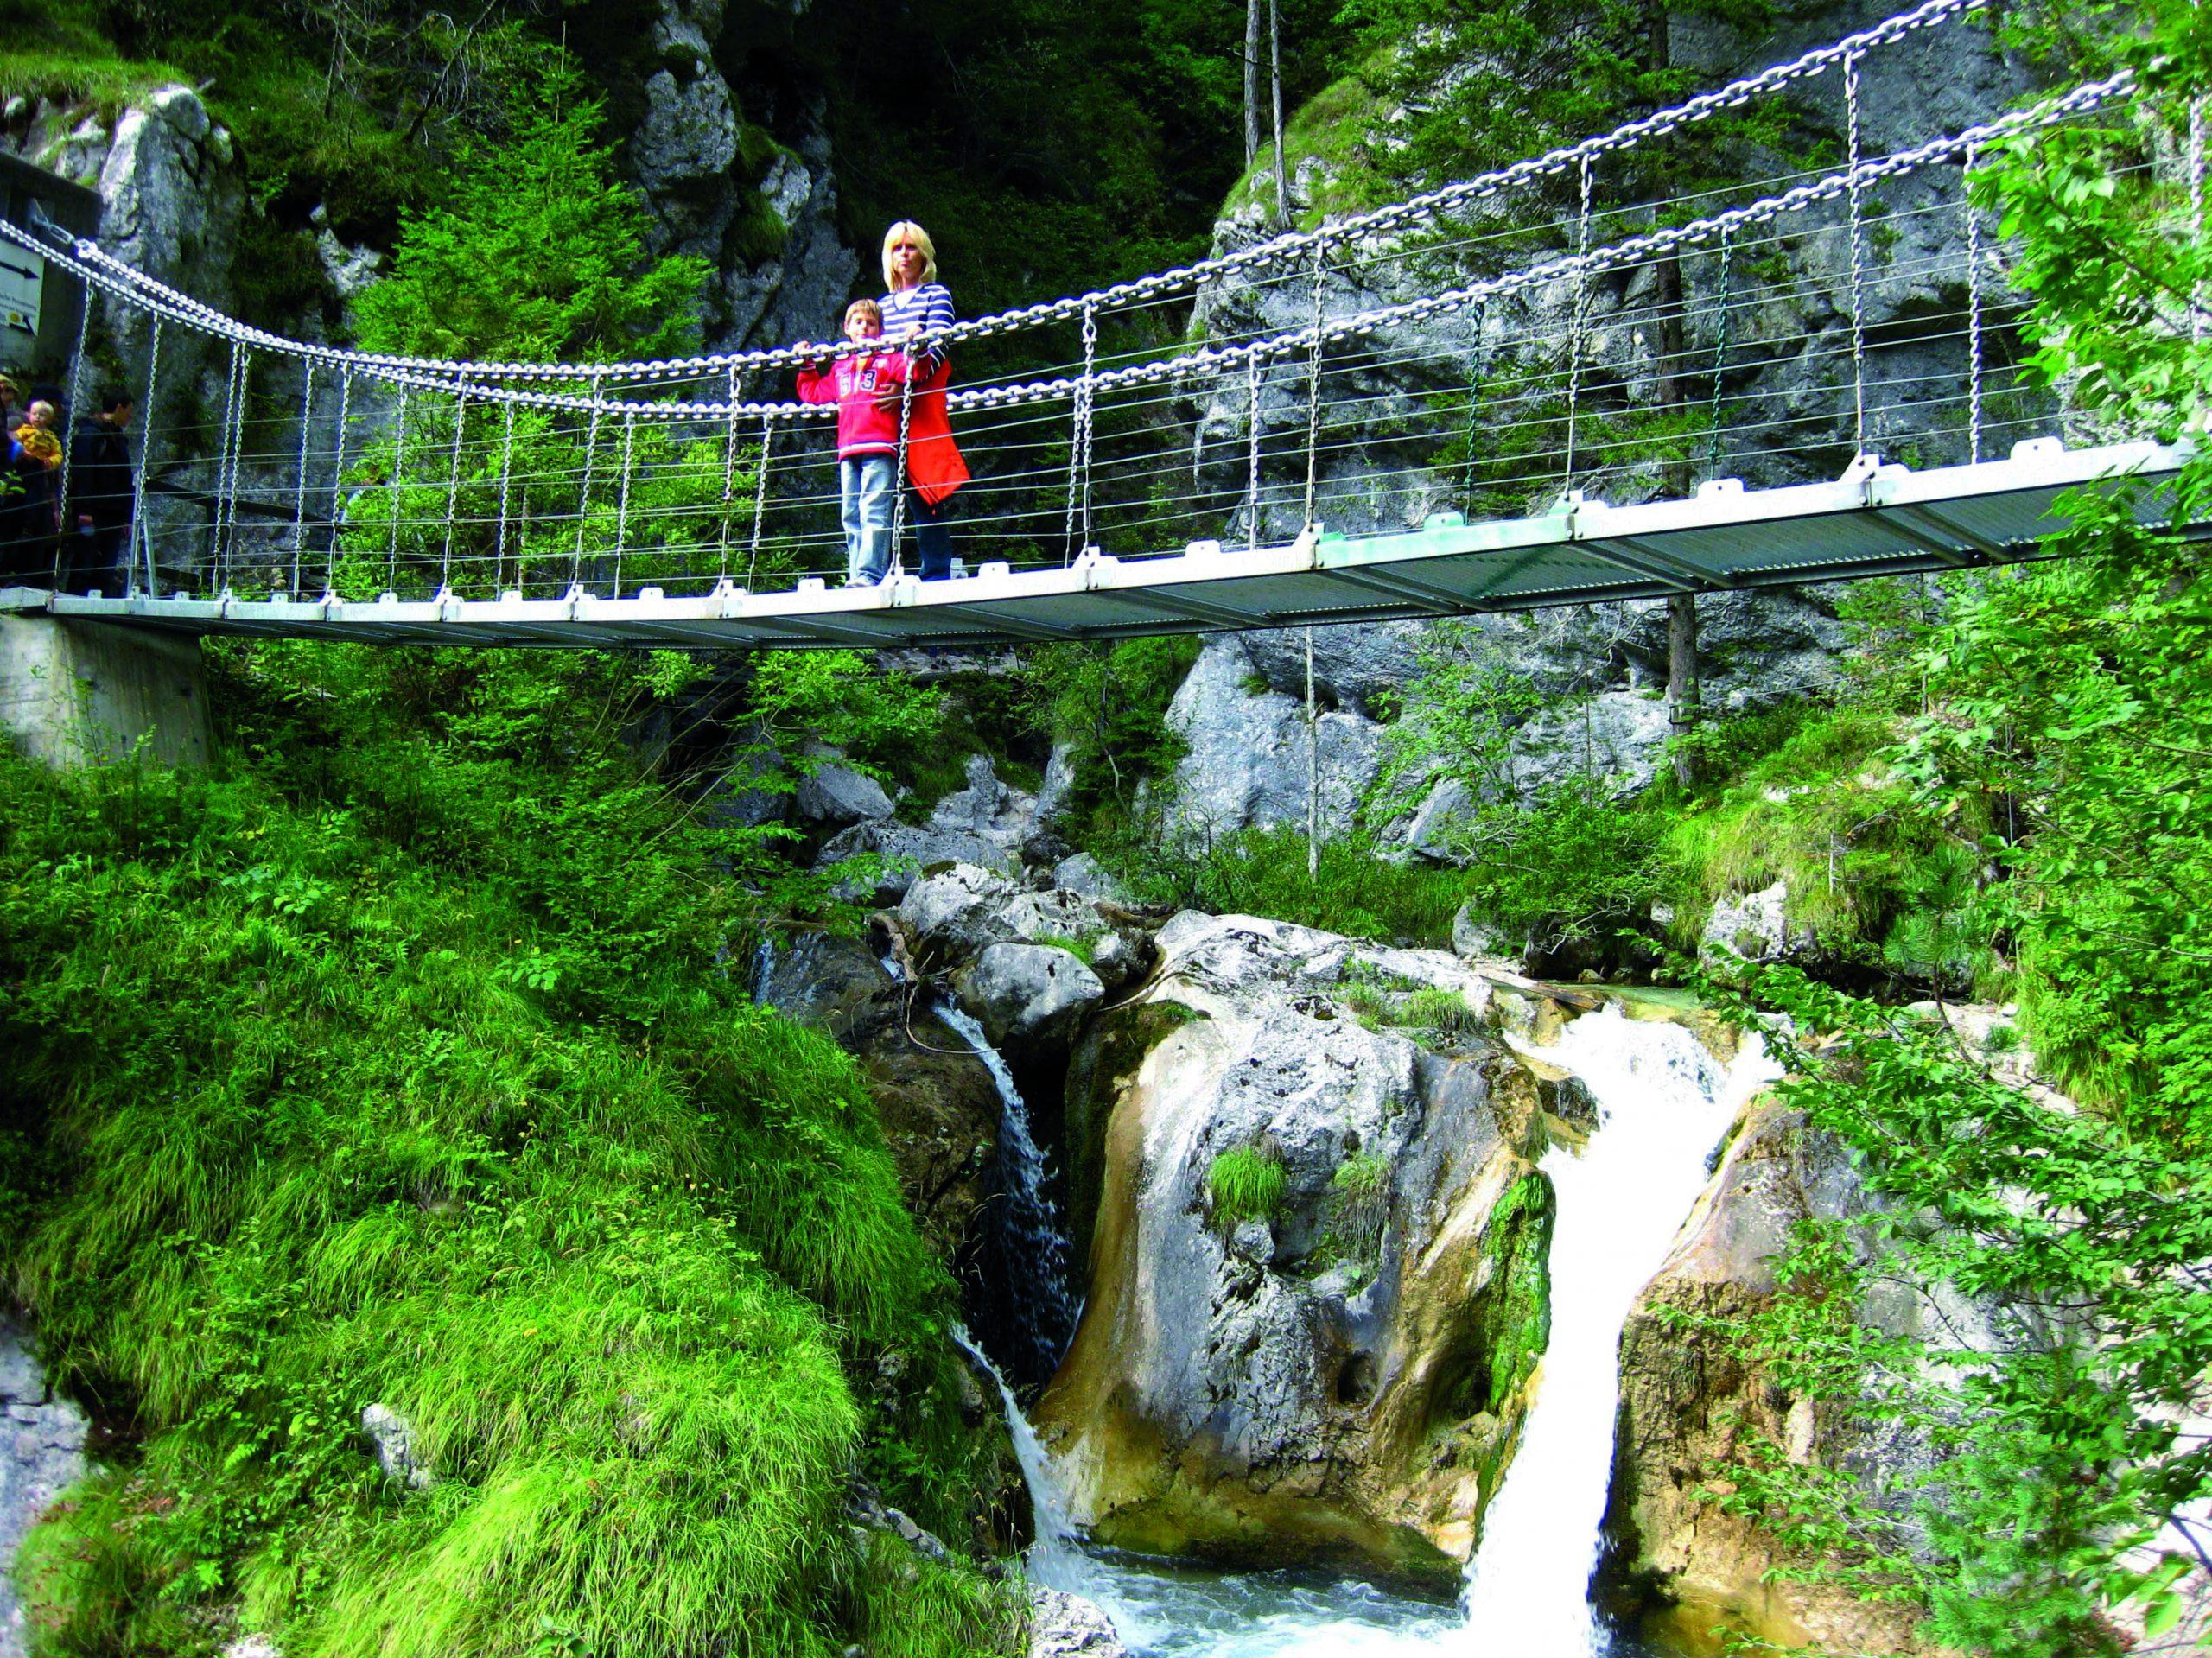 Remek lehetőségek vannak kirándulásokra egy kerékpáros nyaralás alkalmával - a ferchachi Tscheppaschluchtban